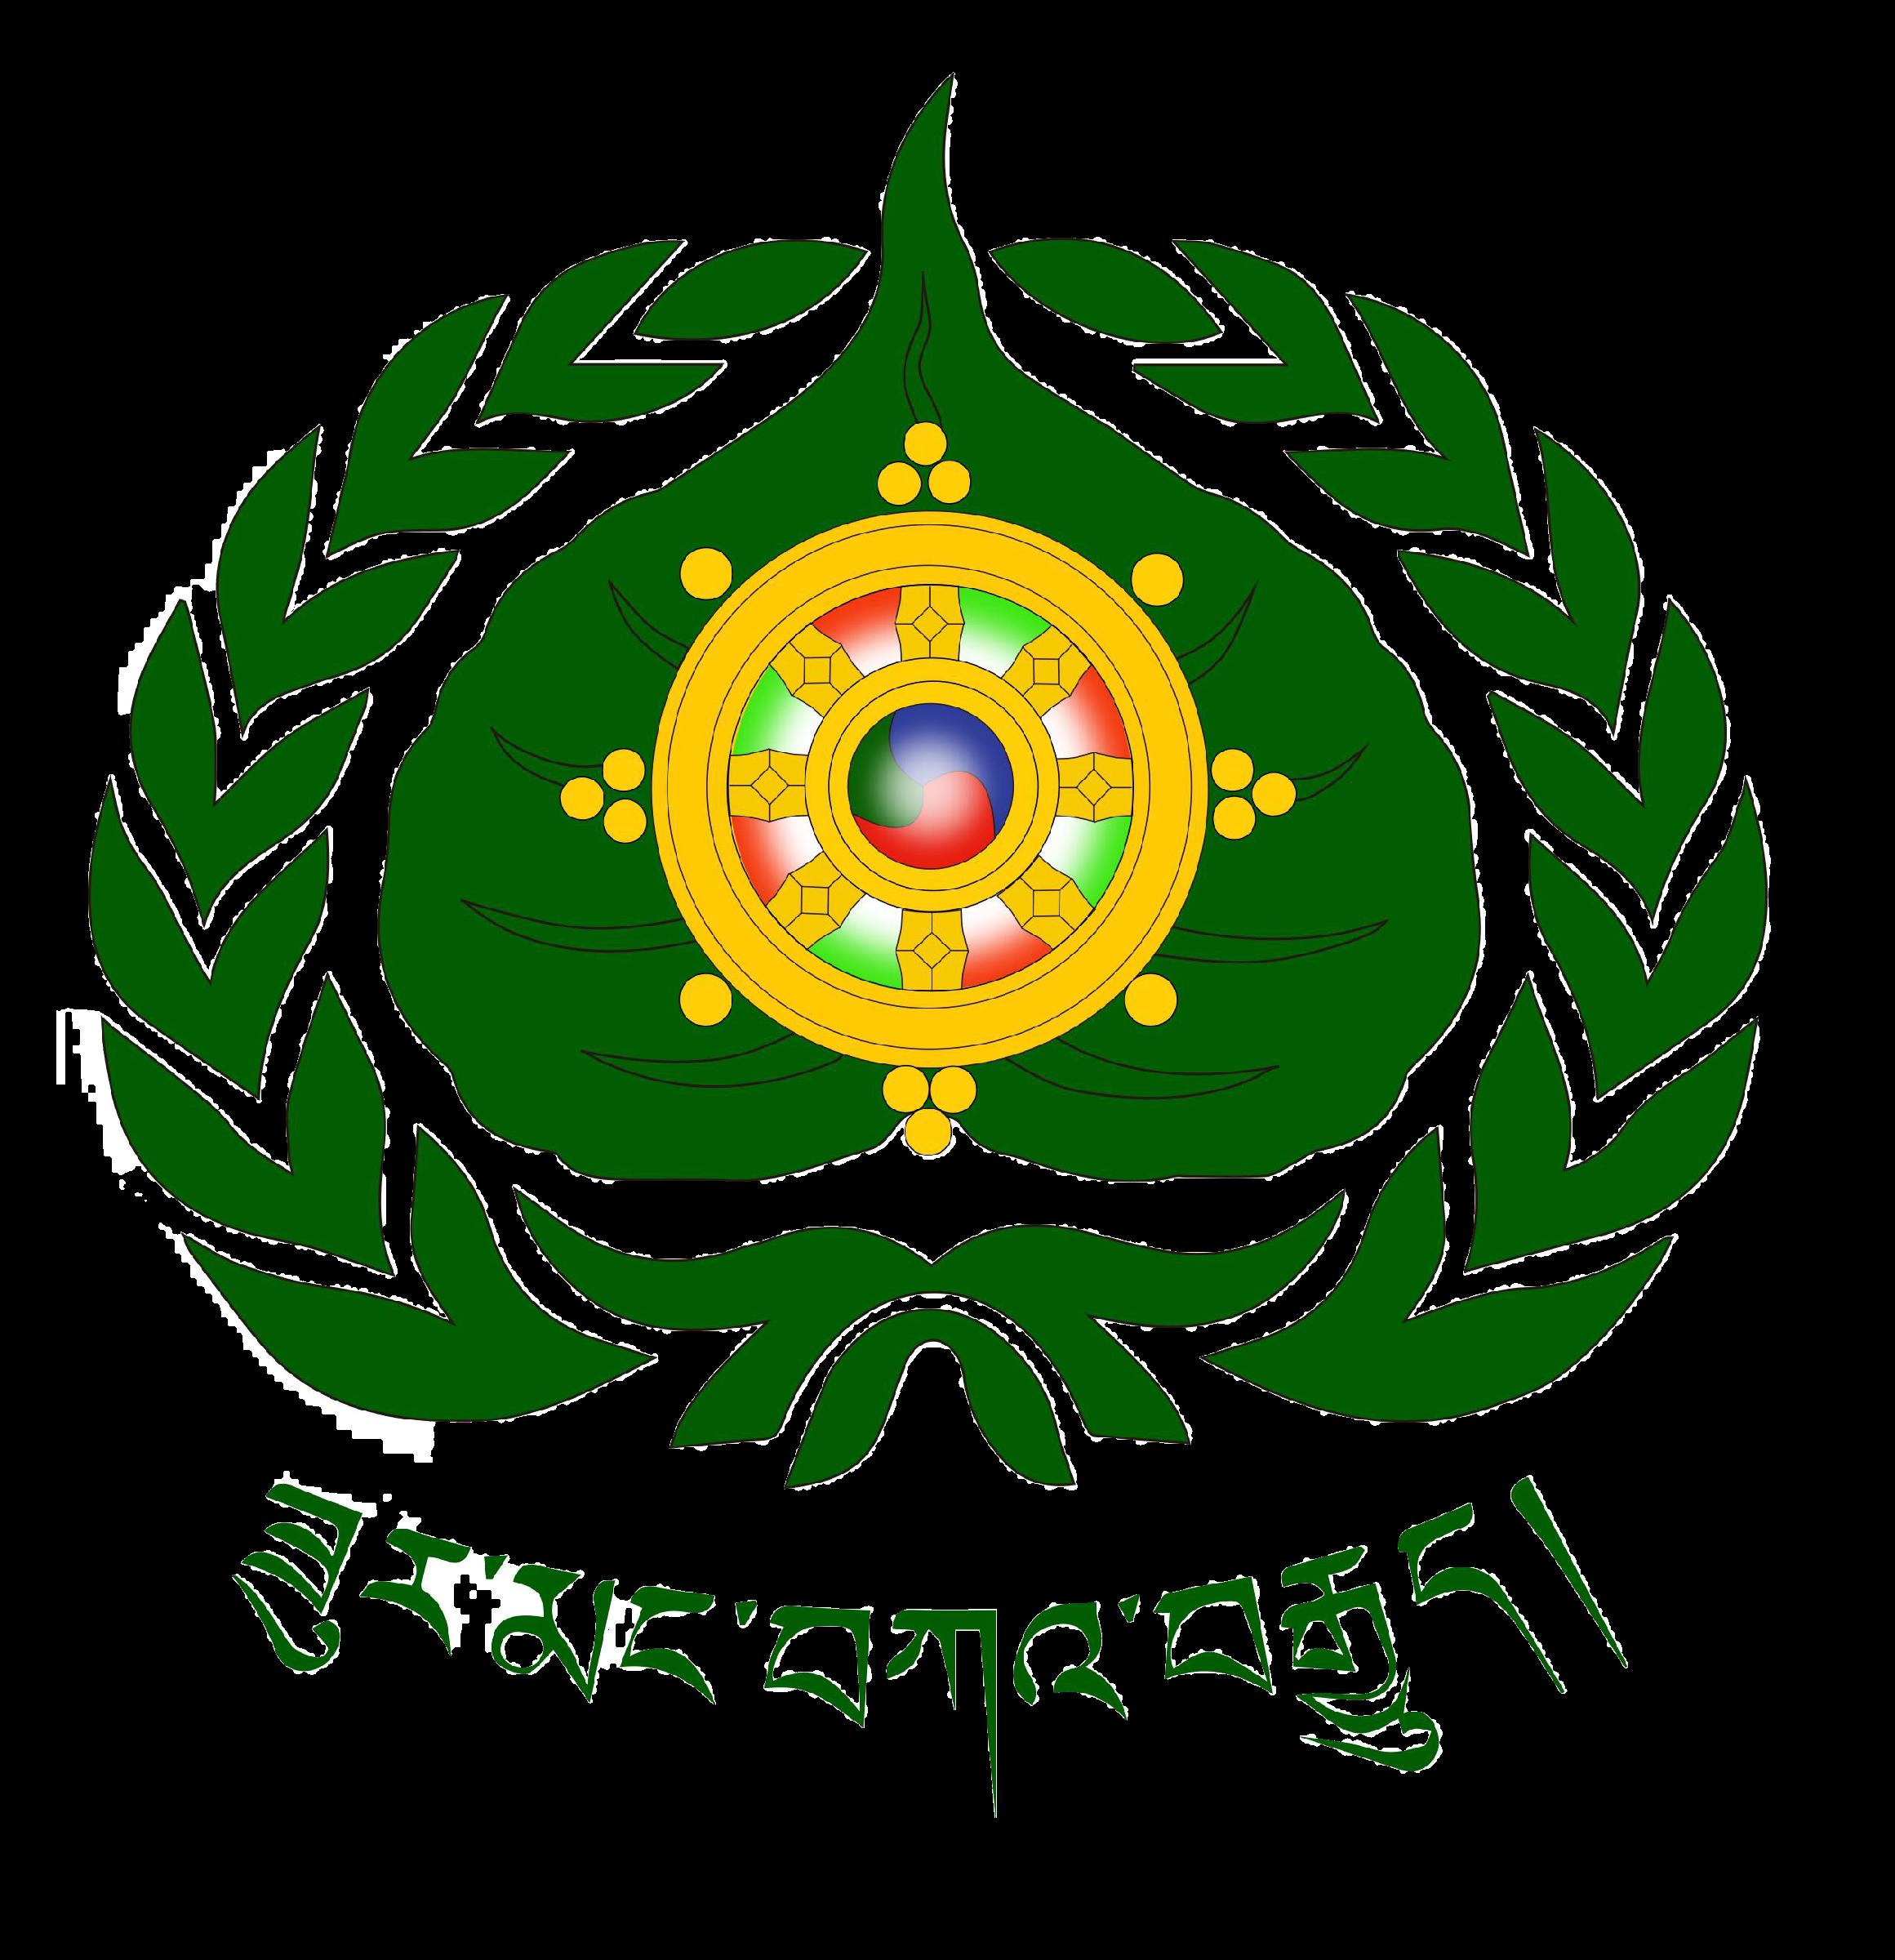 蘇曼迦舉佛學中心